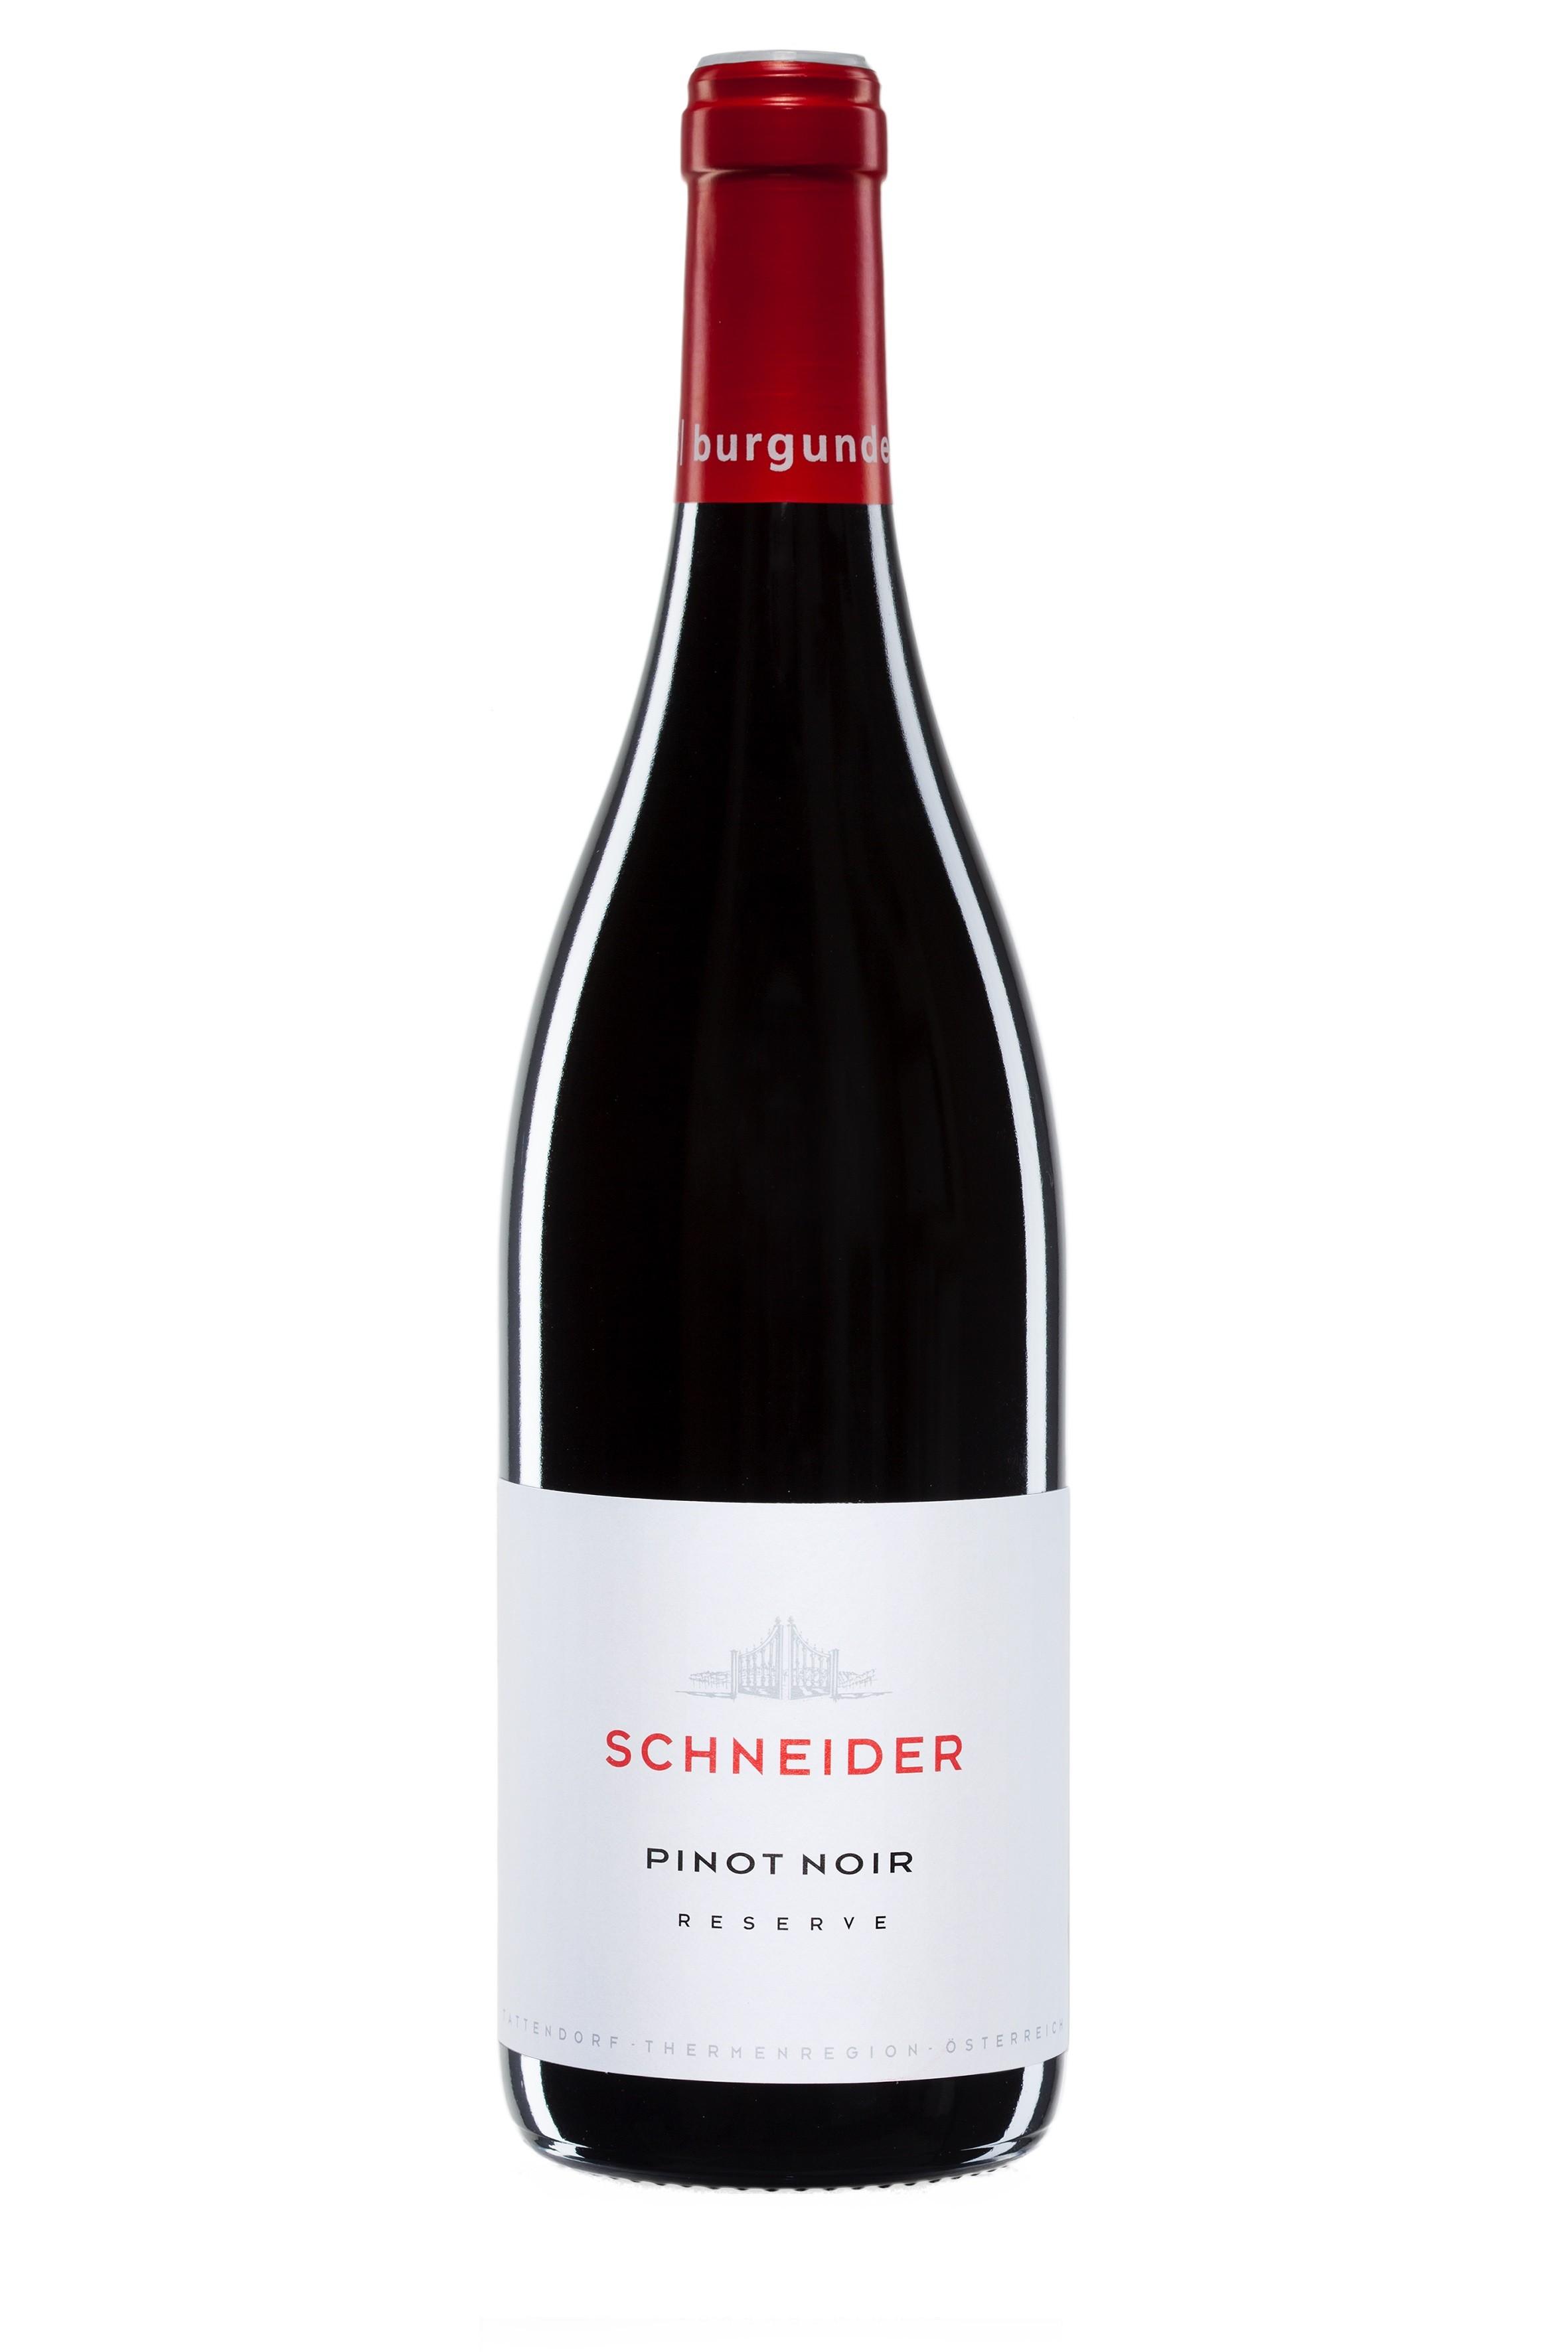 Schneider - Pinot Noir Reserve, 2011